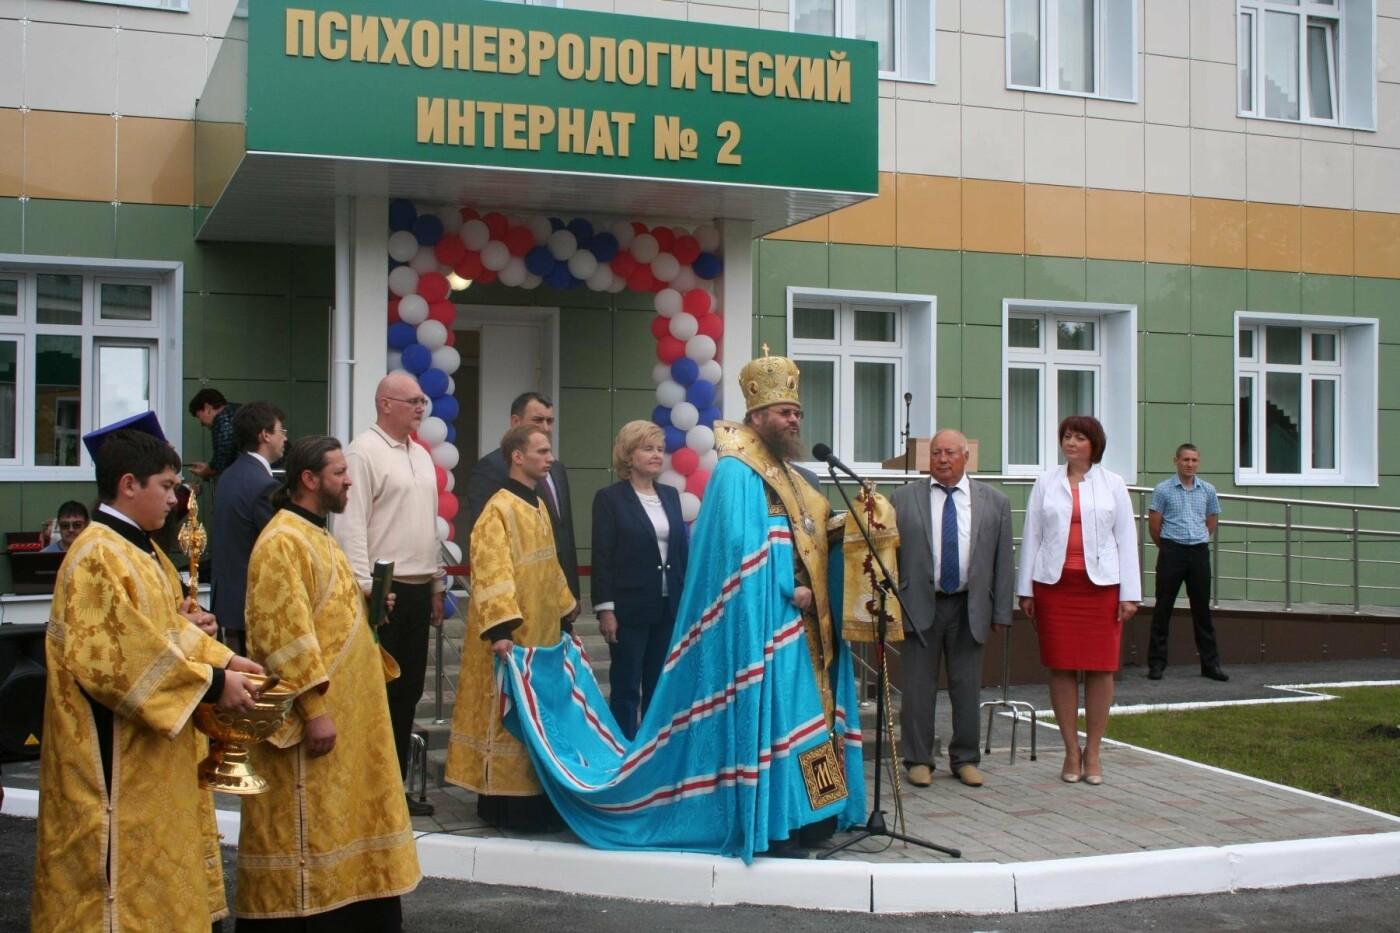 Владыка Феодосий дал благословение на строительство храма-часовни в 2016 году